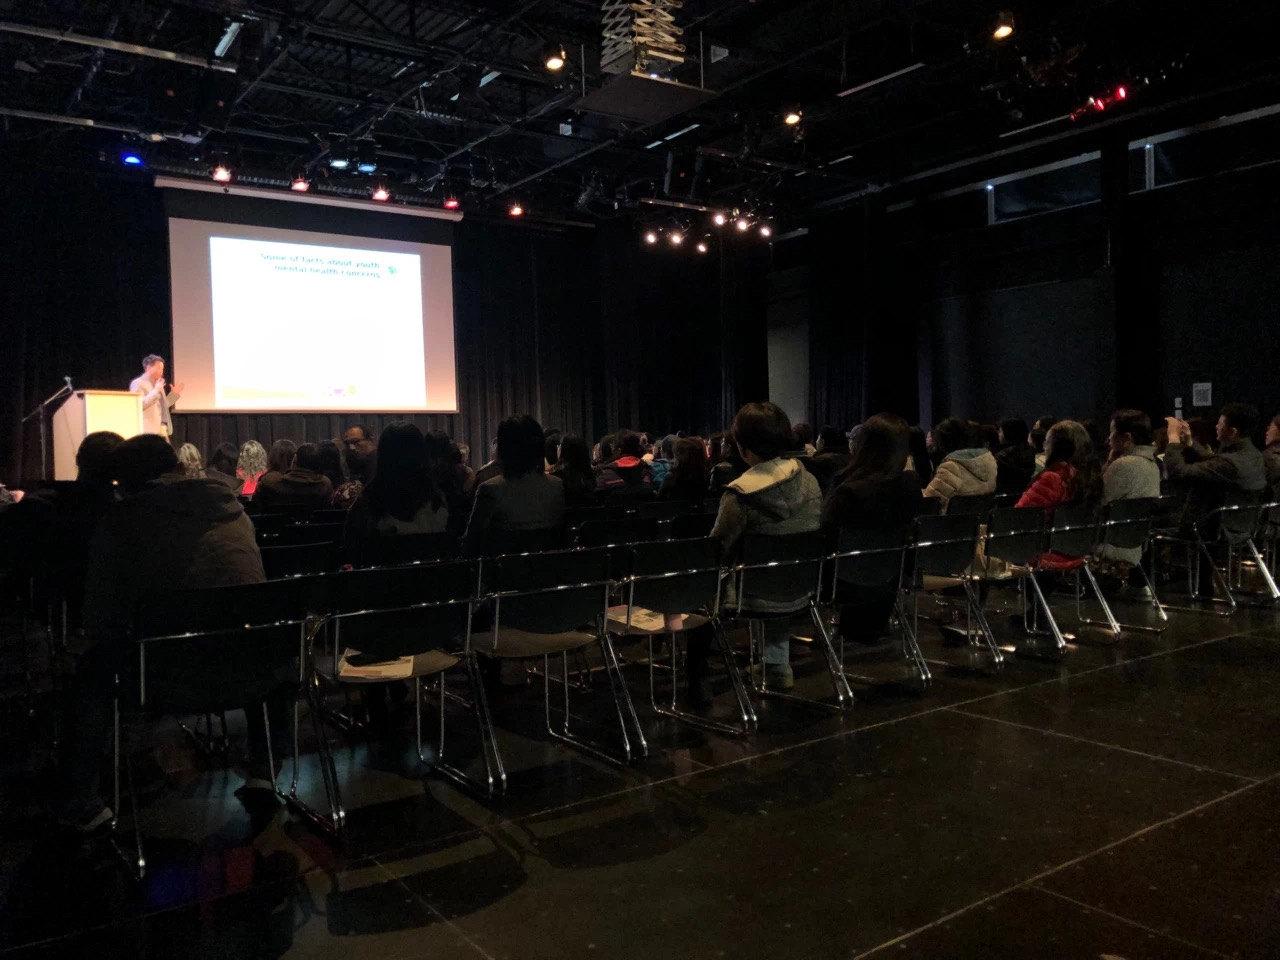 HRCCA荷顿加华协会青少心理讲座